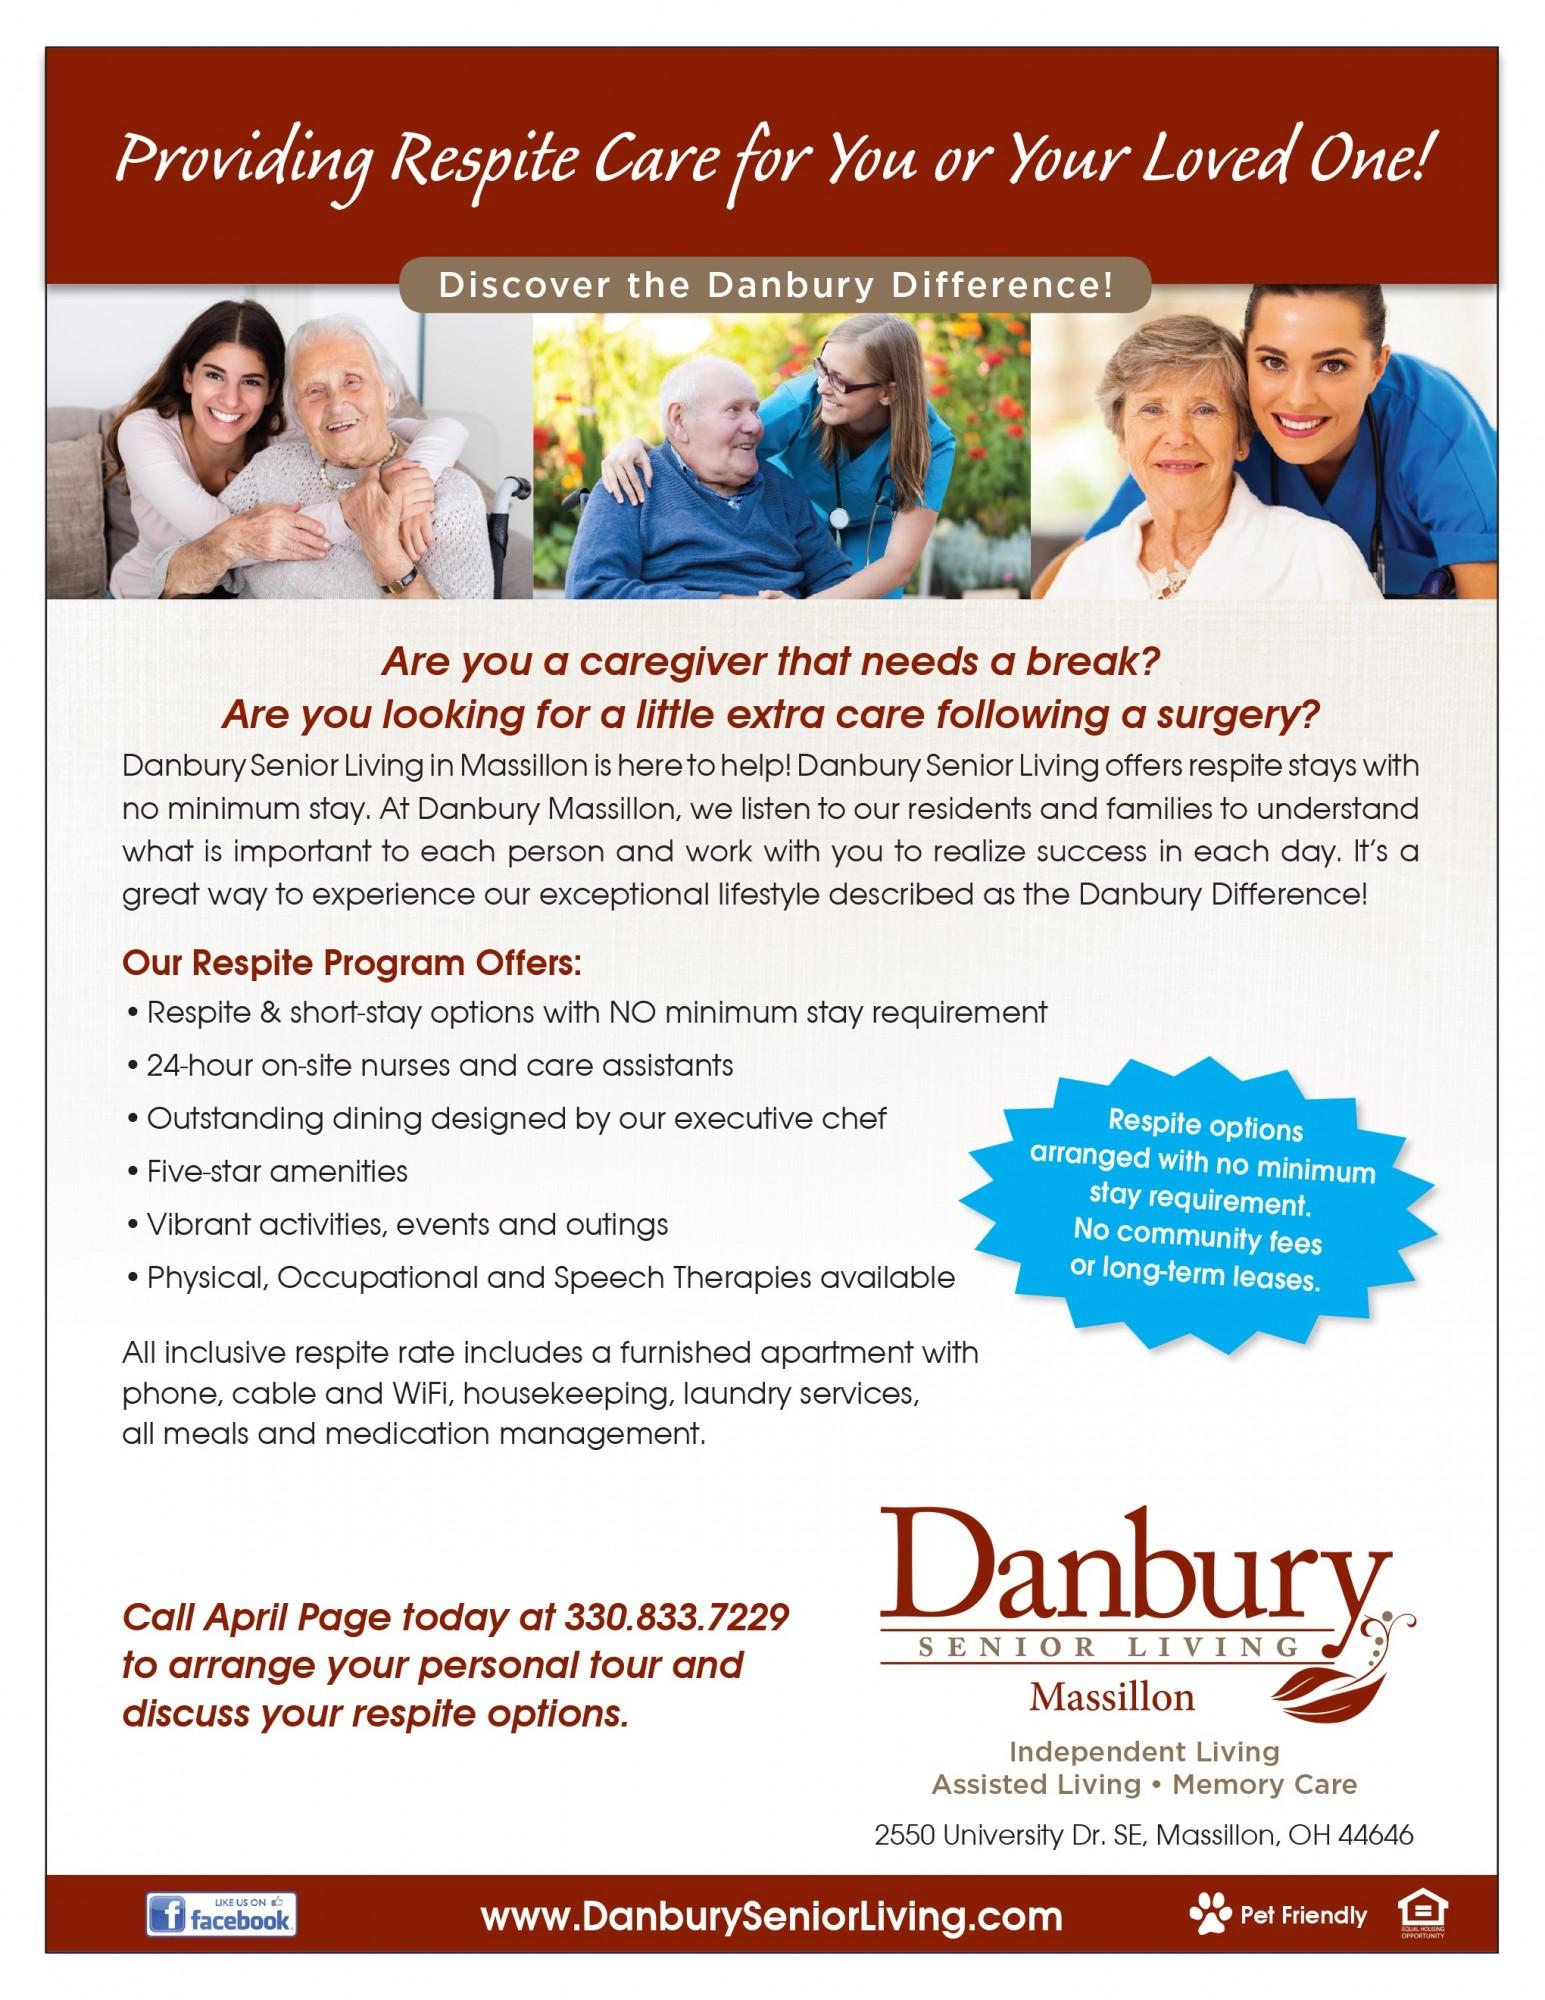 Respite Care Danbury Assisted Living